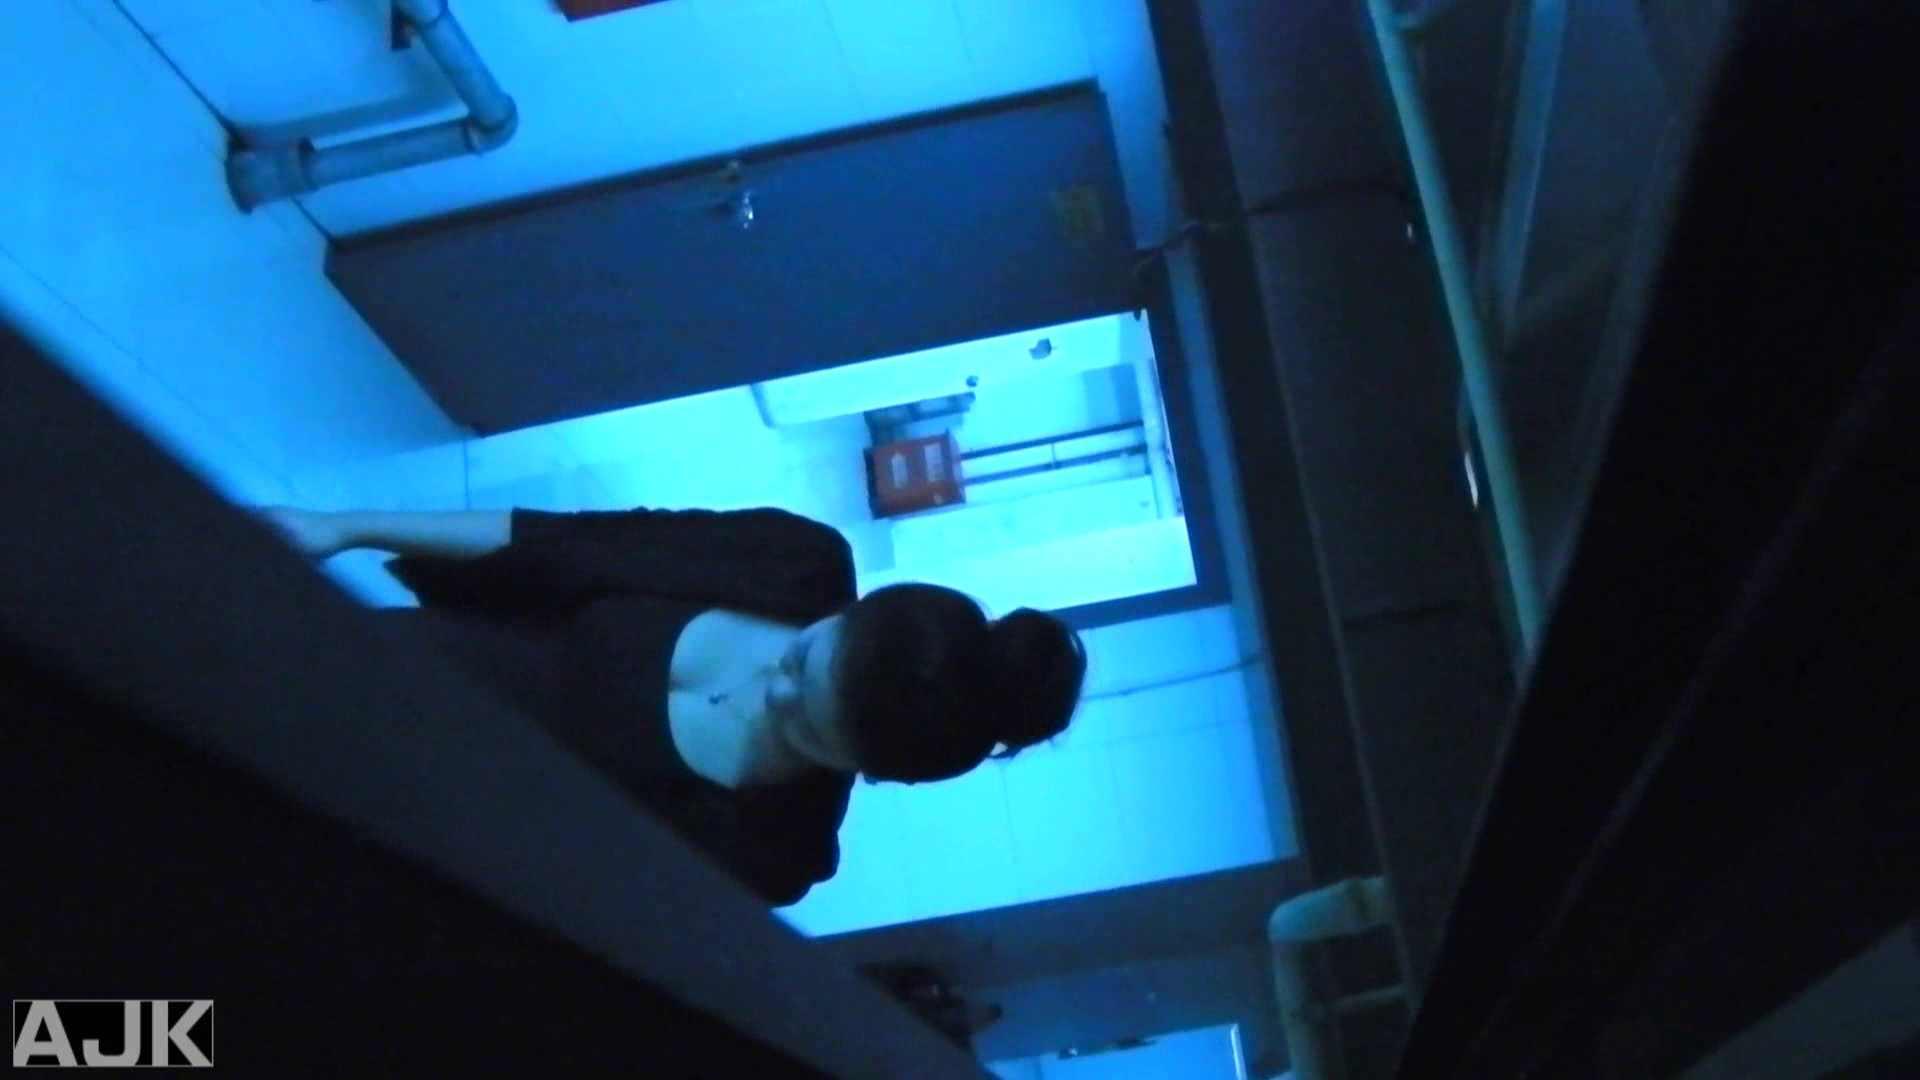 隣国上階級エリアの令嬢たちが集うデパートお手洗い Vol.24 オマンコ・ぱっくり エロ画像 82画像 60